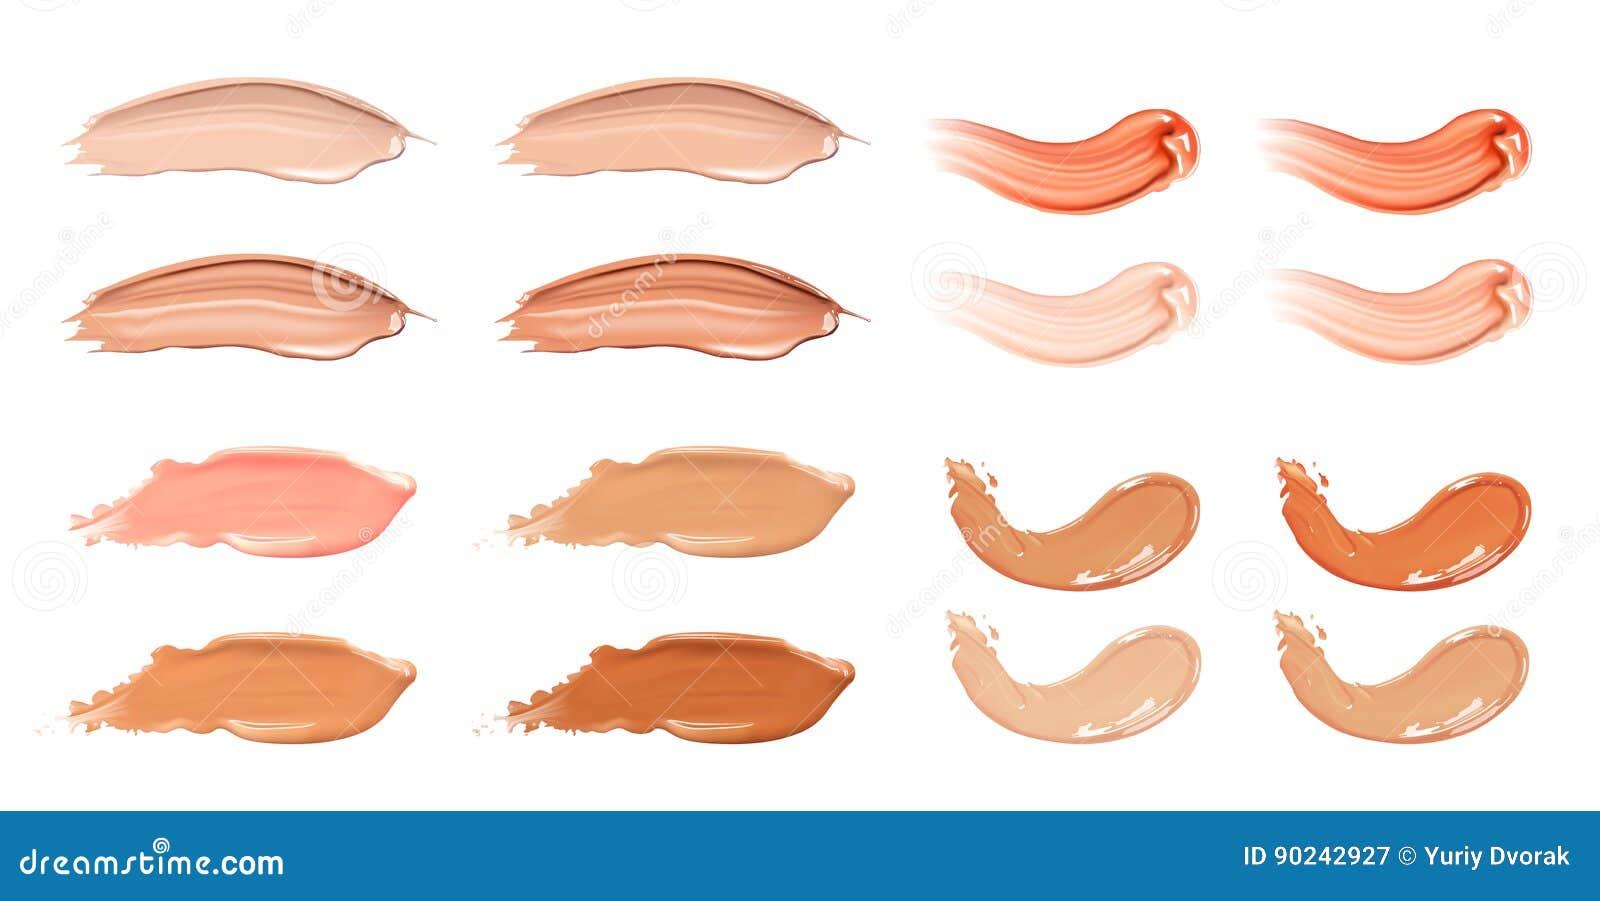 Grupo de creme líquido cosmético da fundação ou do caramelo em cursos diferentes da mancha do borrão da cor Compõe as manchas iso